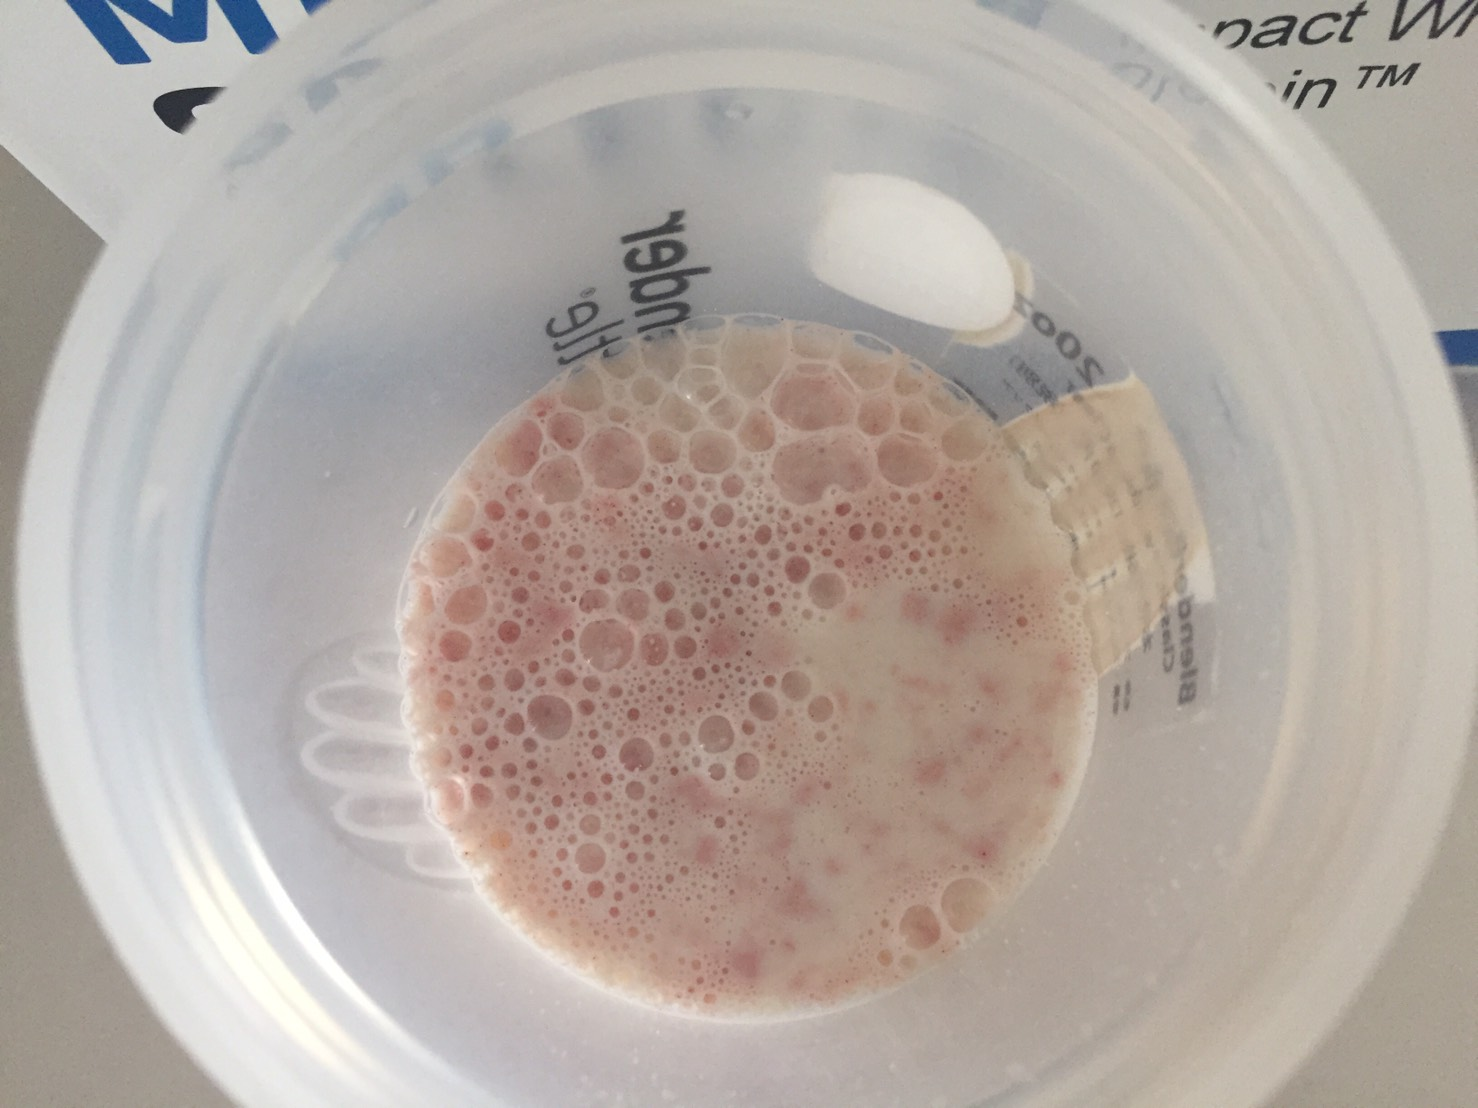 マイプロテインのImpactホエイプロテイン「Strawberry jam Roly Poly(ストロベリージャム・ローリー・ポーリー味)」に牛乳を注いだ様子